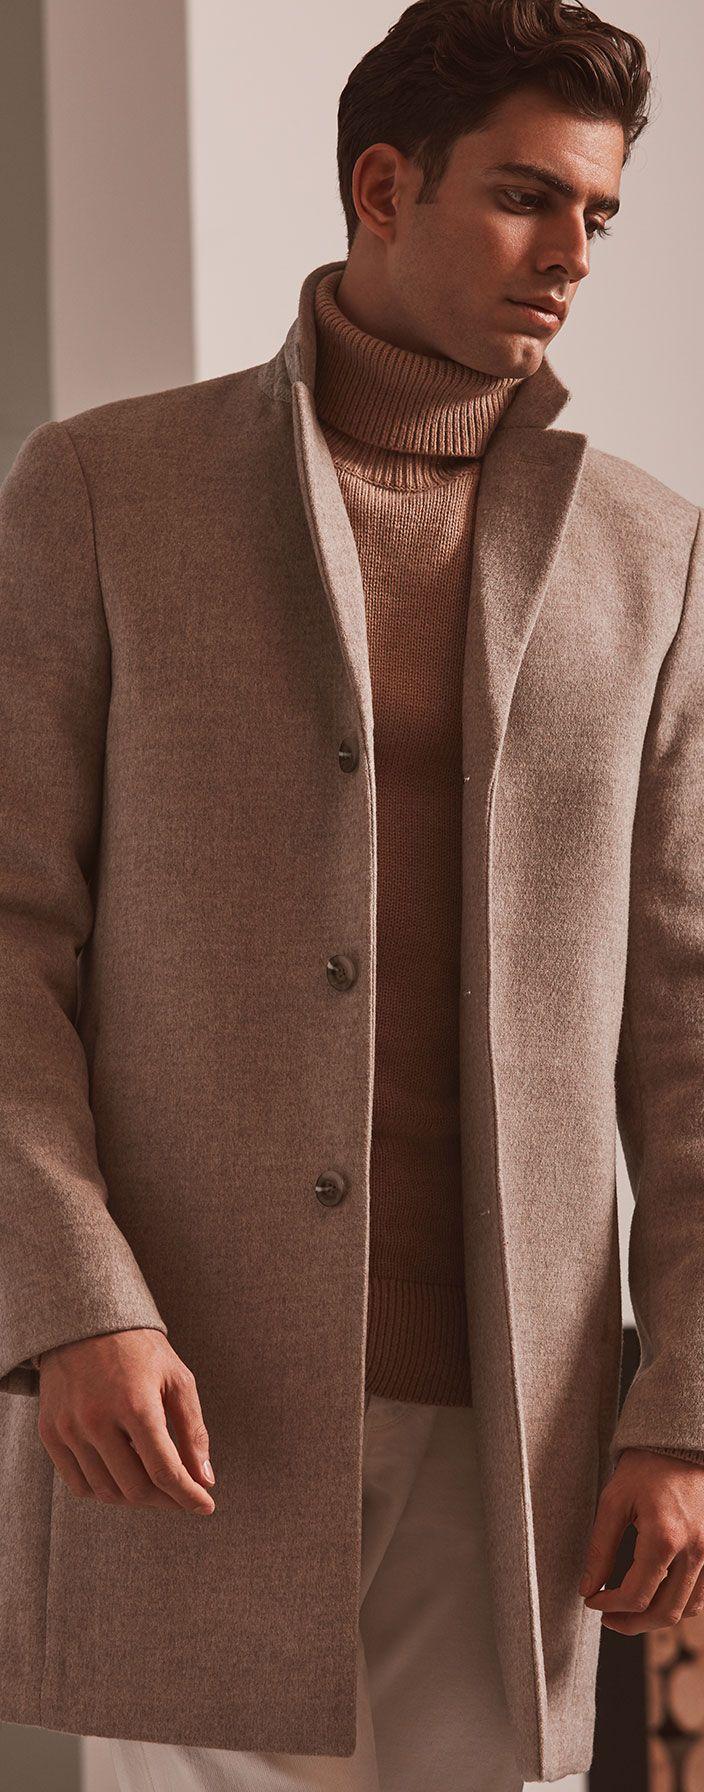 Reiss Men's Coat